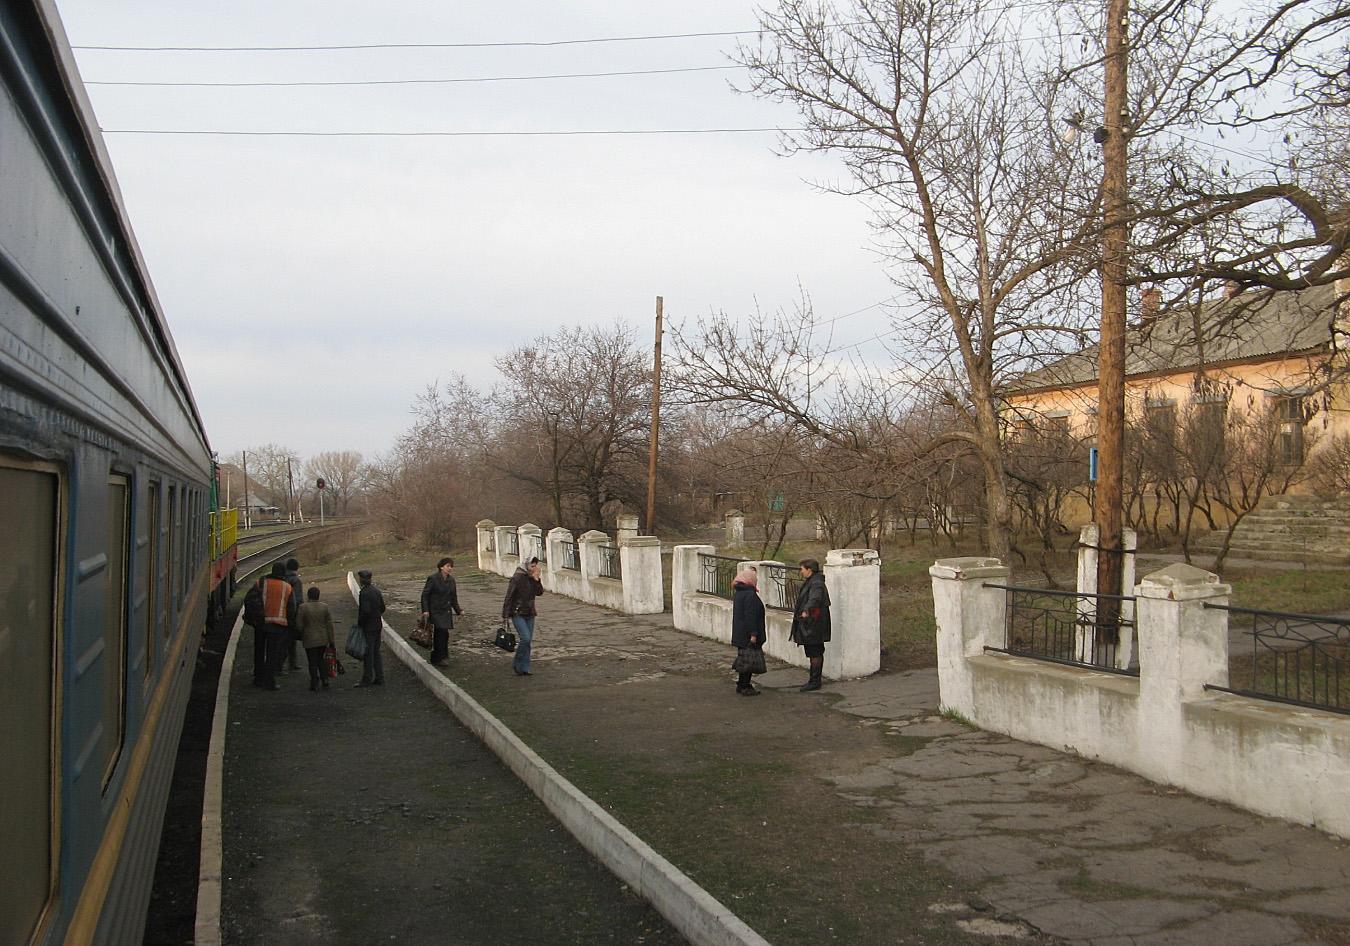 Станція Браунівка, лінія Штерівка - Яновський. Луганська область, Антрацитівський район